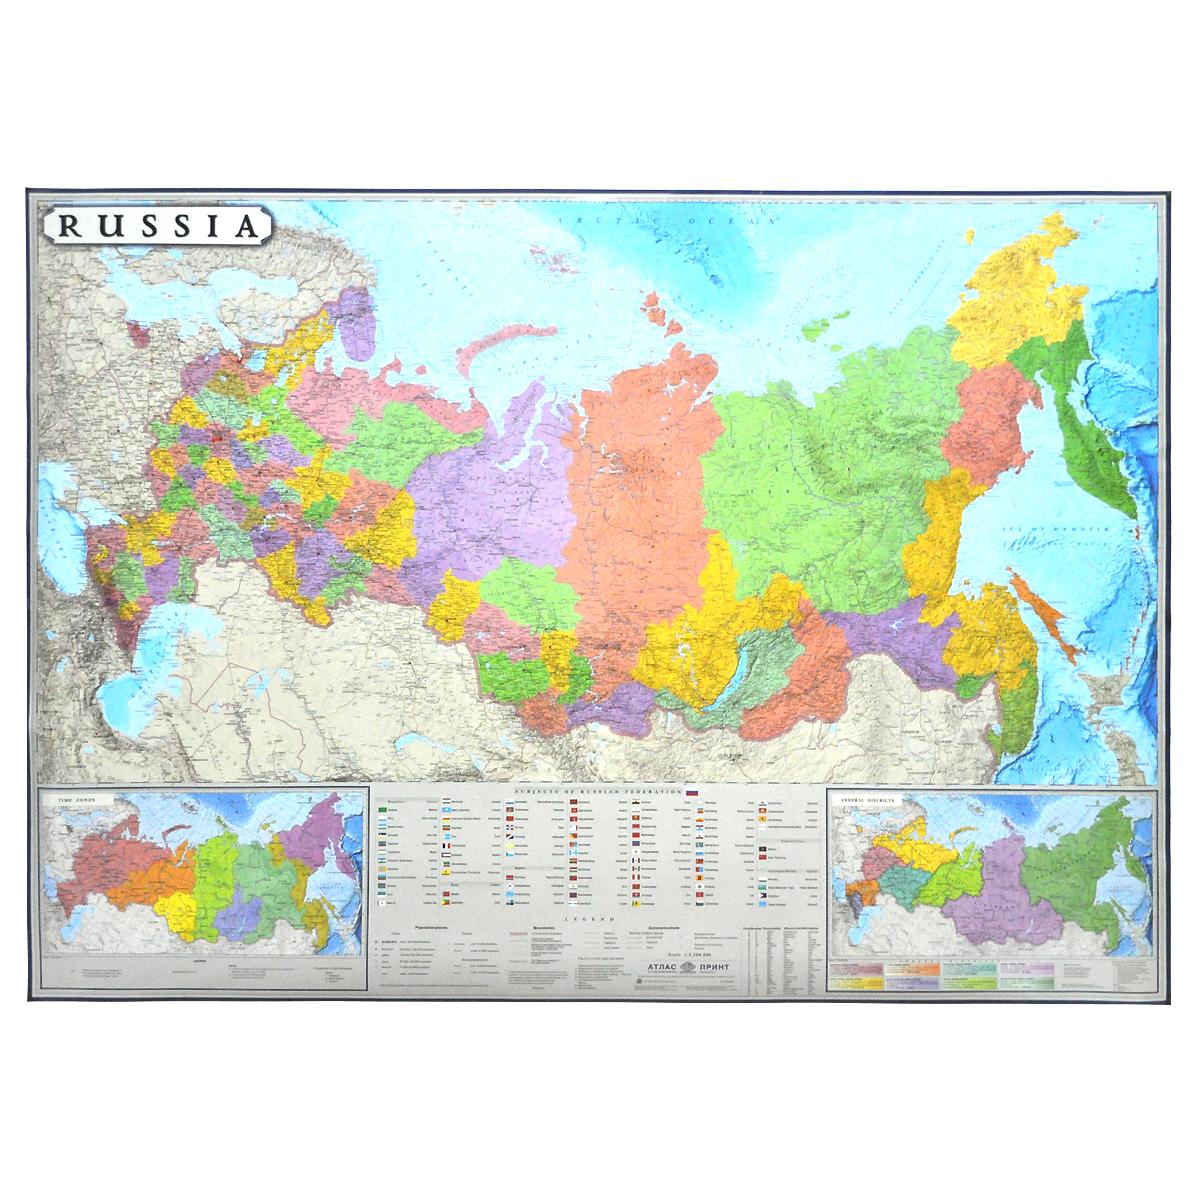 Политико-административная карта России / Russia недорого